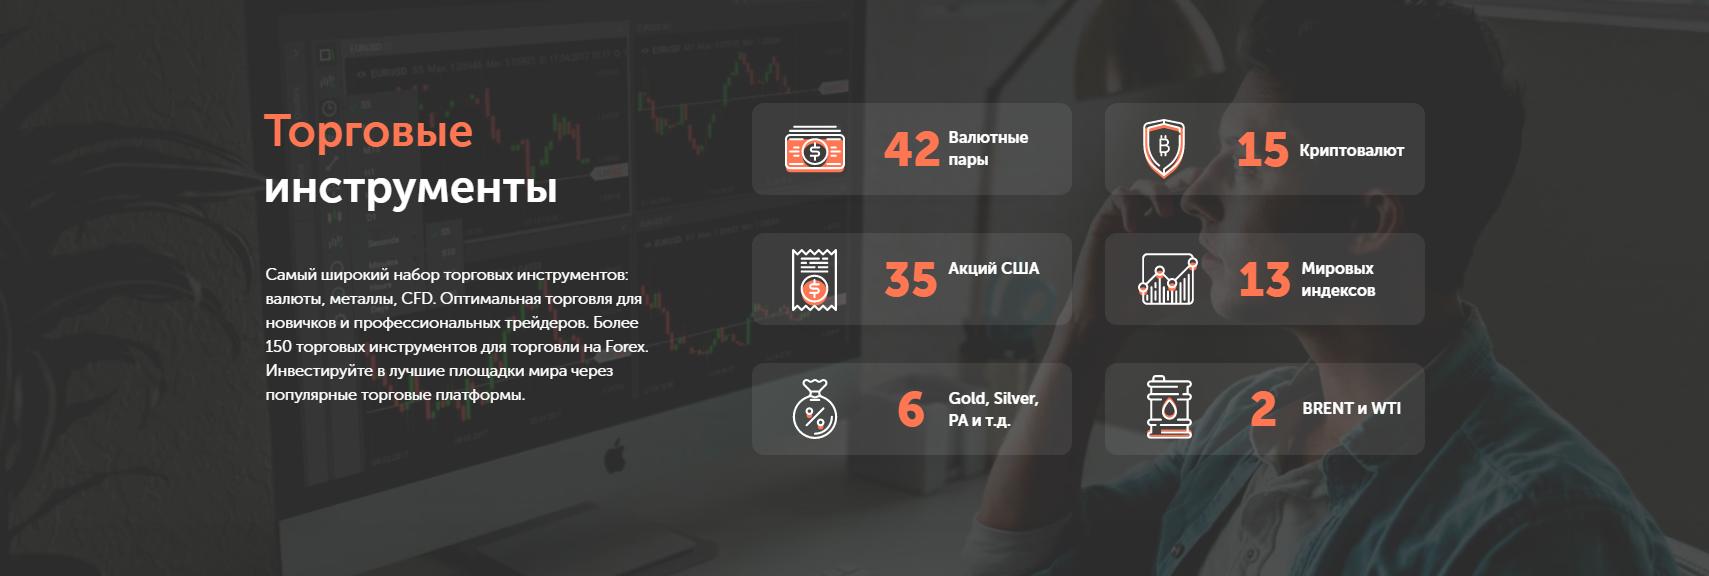 Главная страница G Invest и спектр услуг